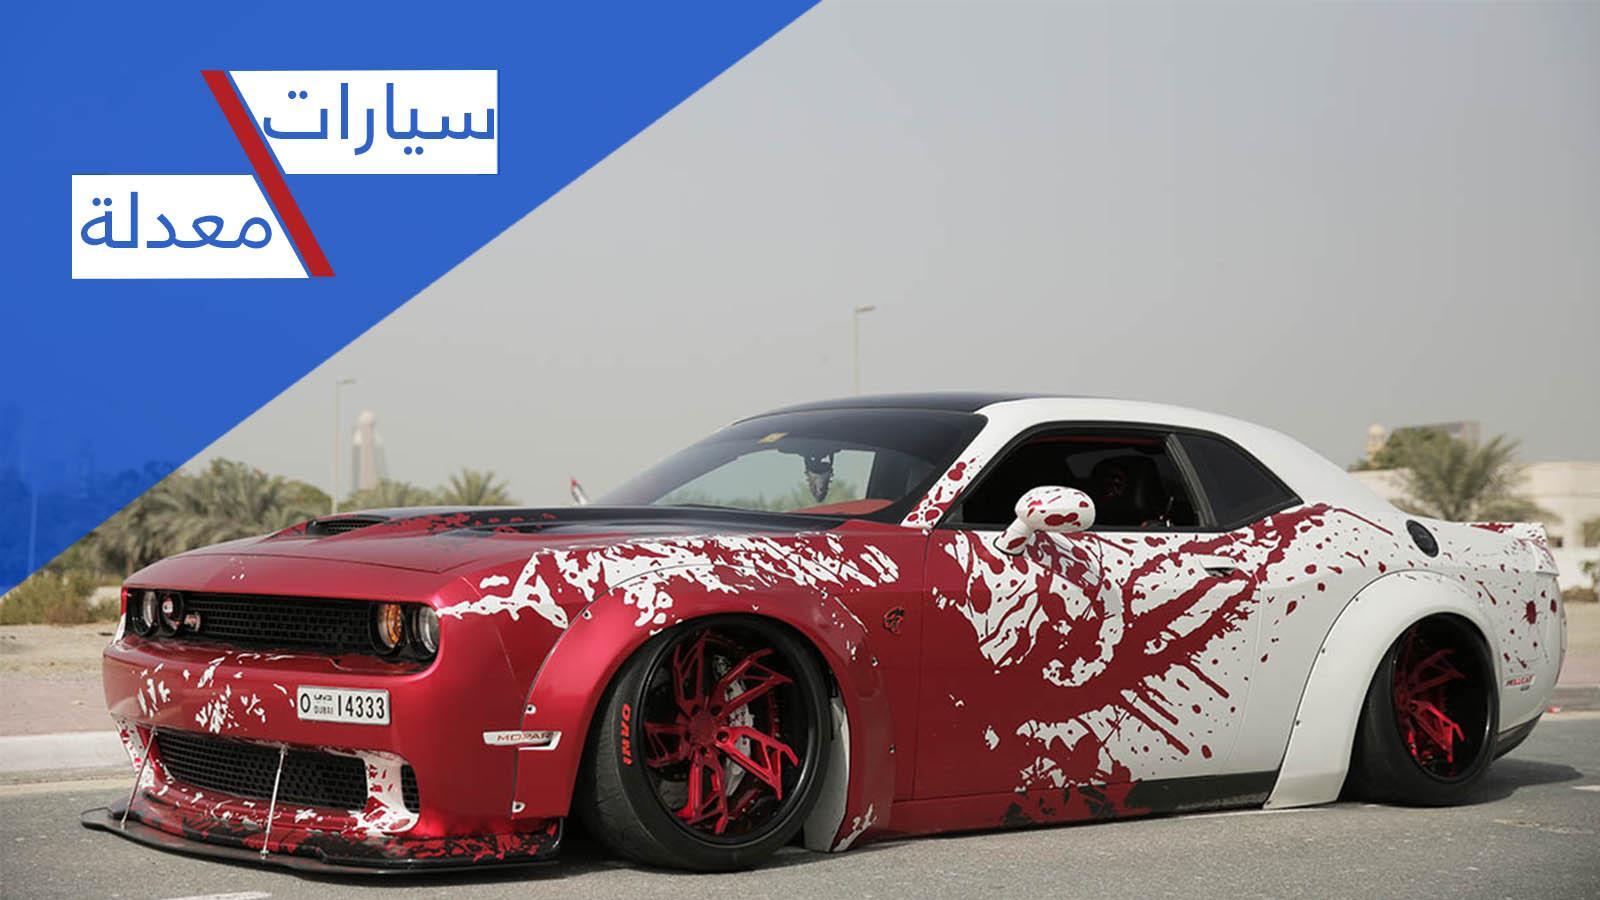 فيديو: احذروا دودج تشالنجر الملطخة بالدماء في الإمارات!